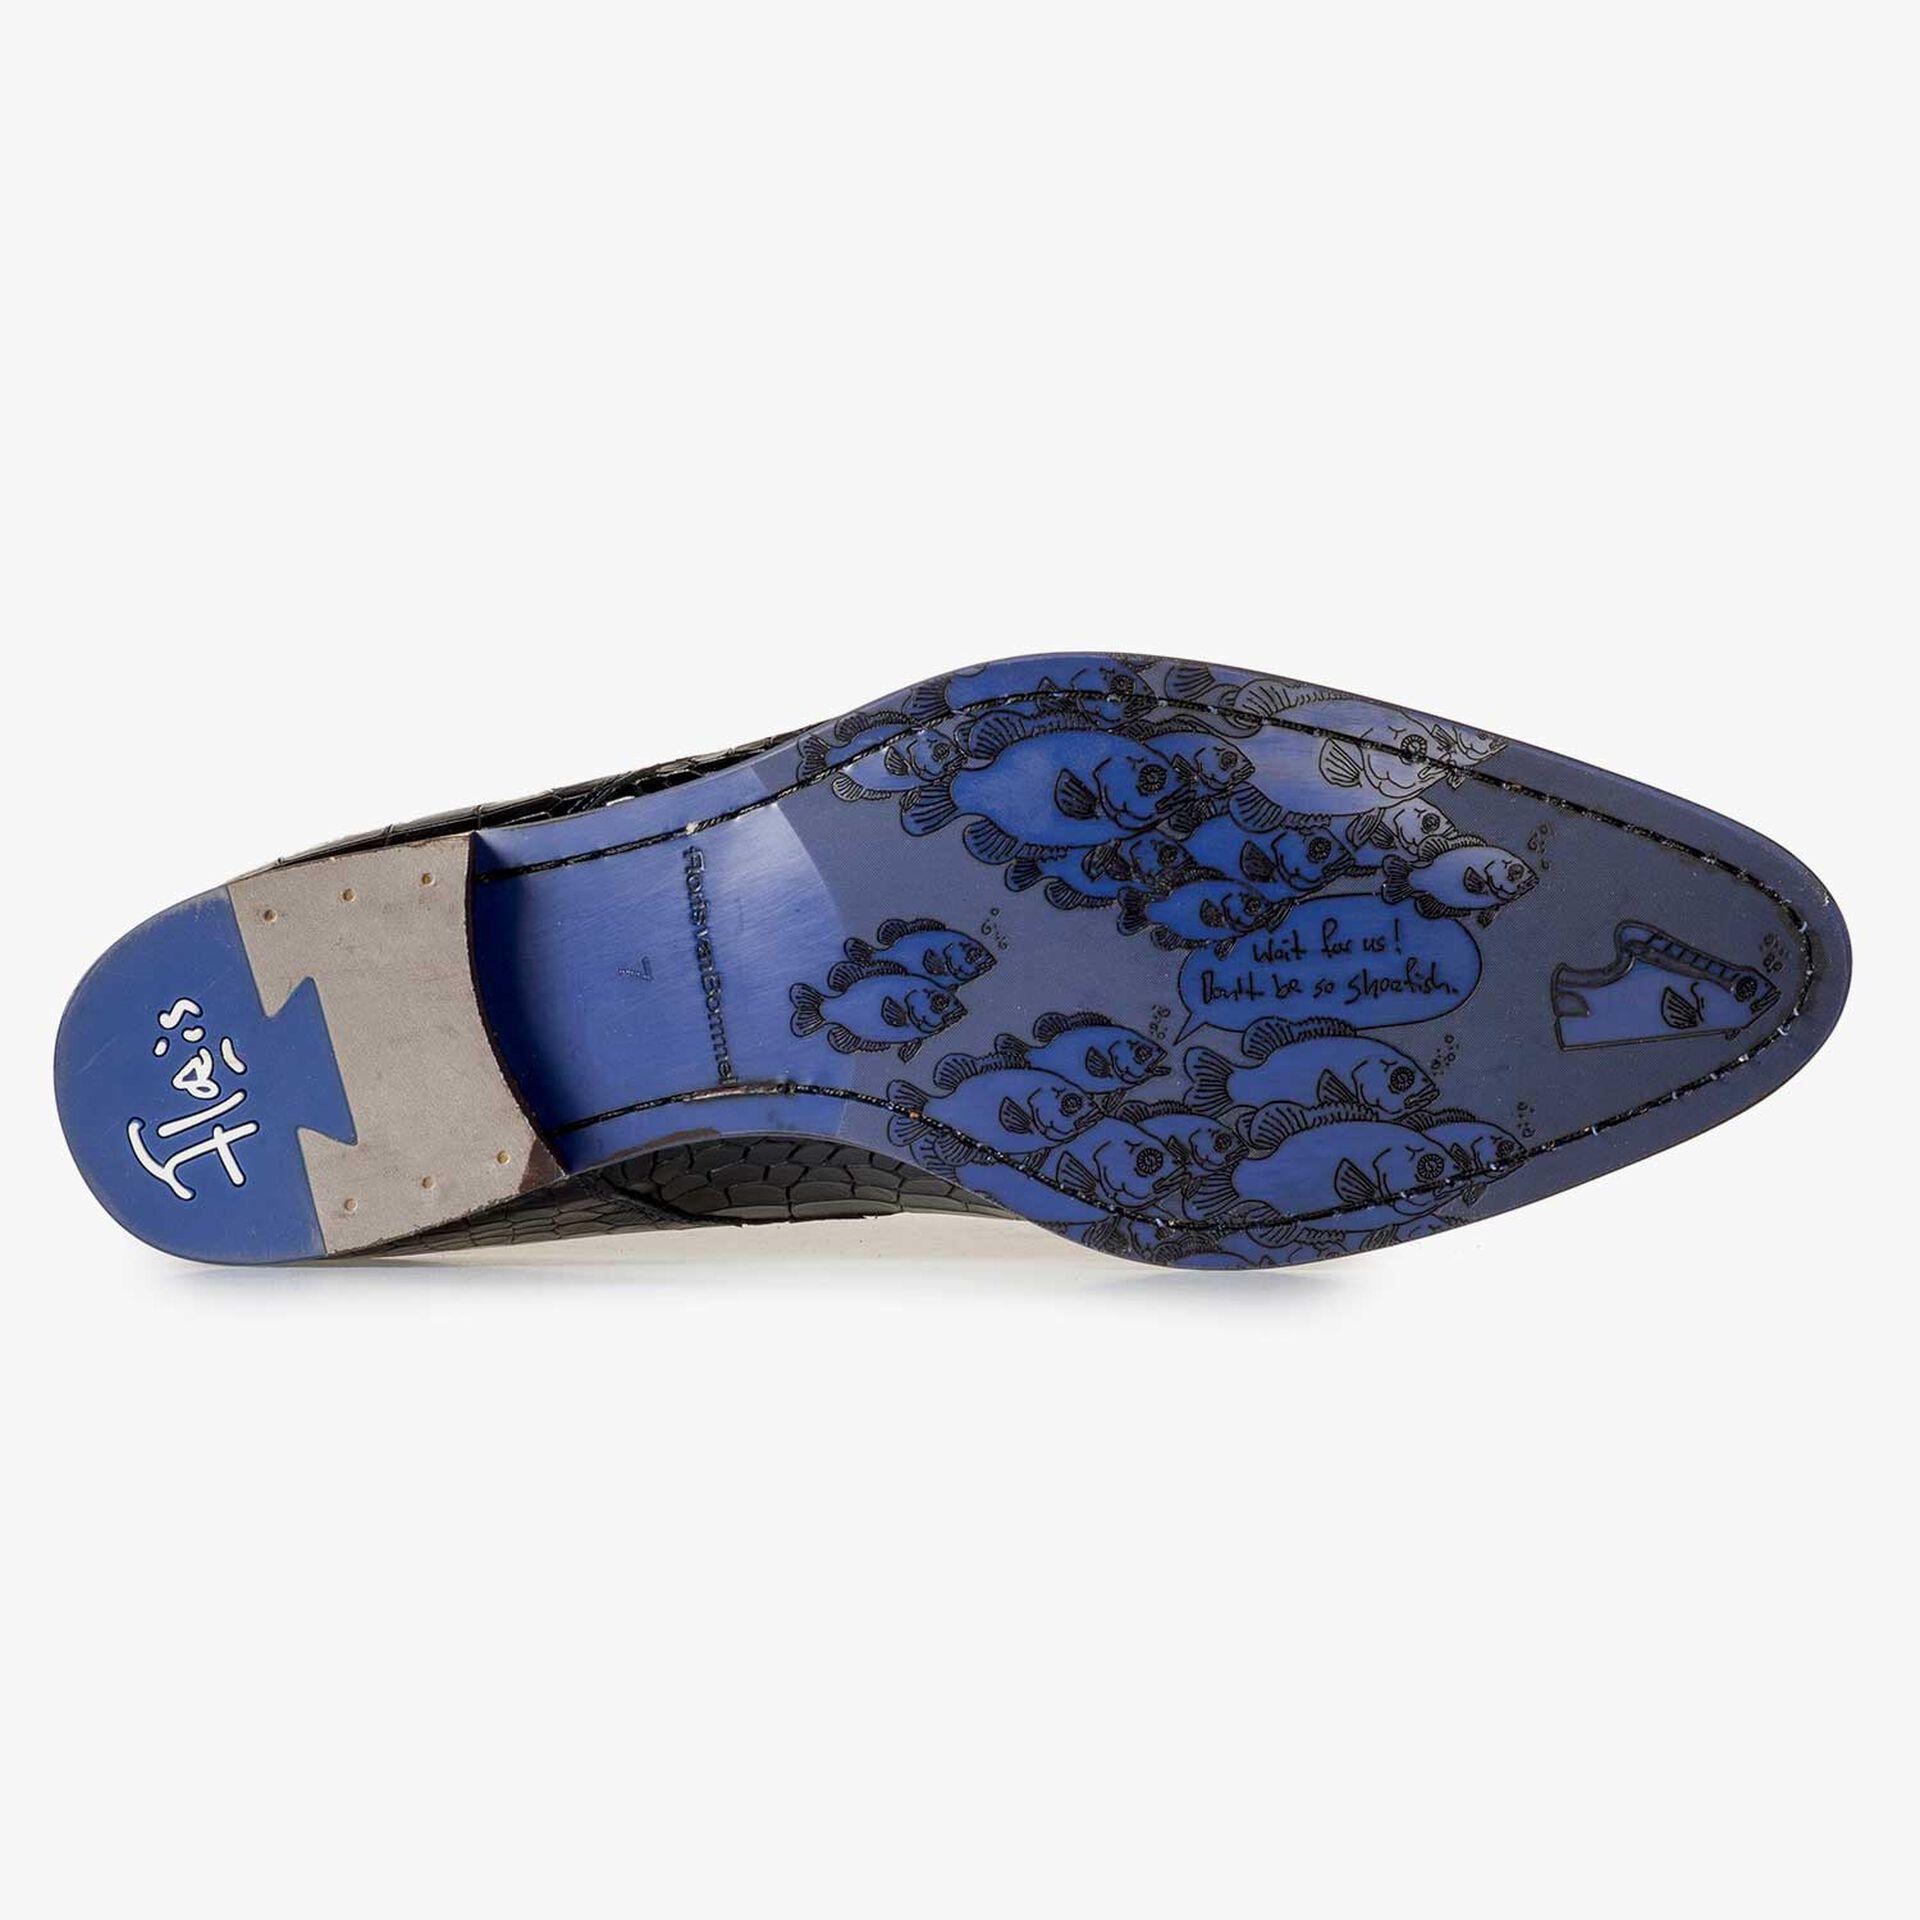 Blauwe kalfsleren veterschoen met crocoprint